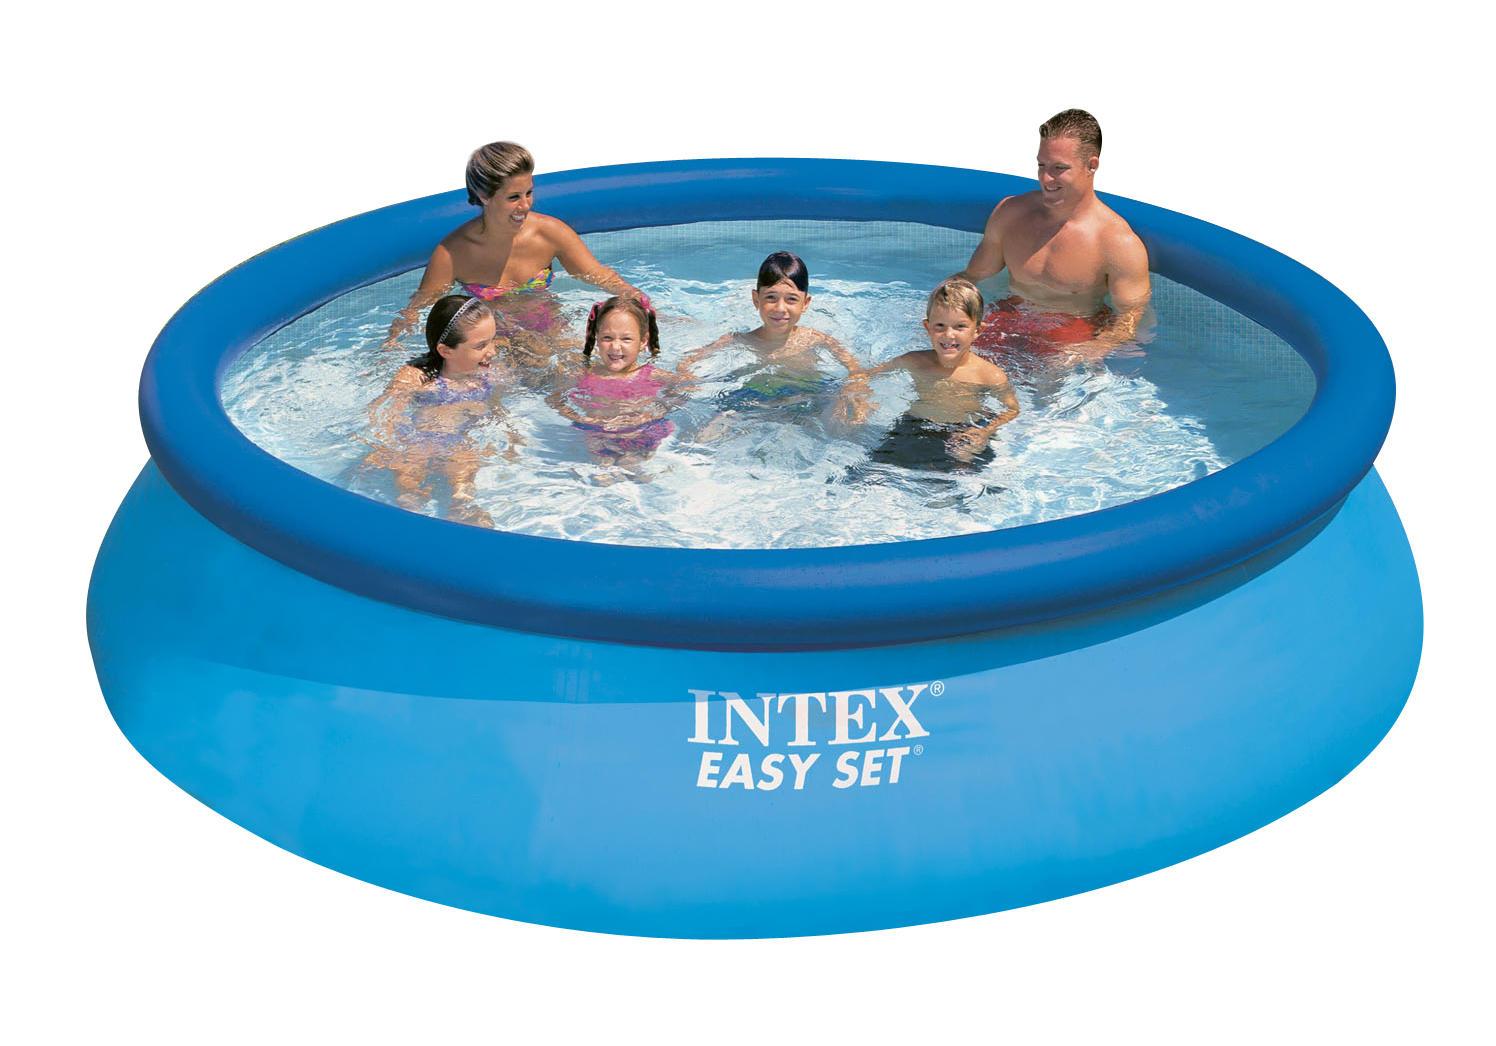 สระน้ำขนาดใหญ่ Easy set pool Intex-28130 [12 ฟุต]